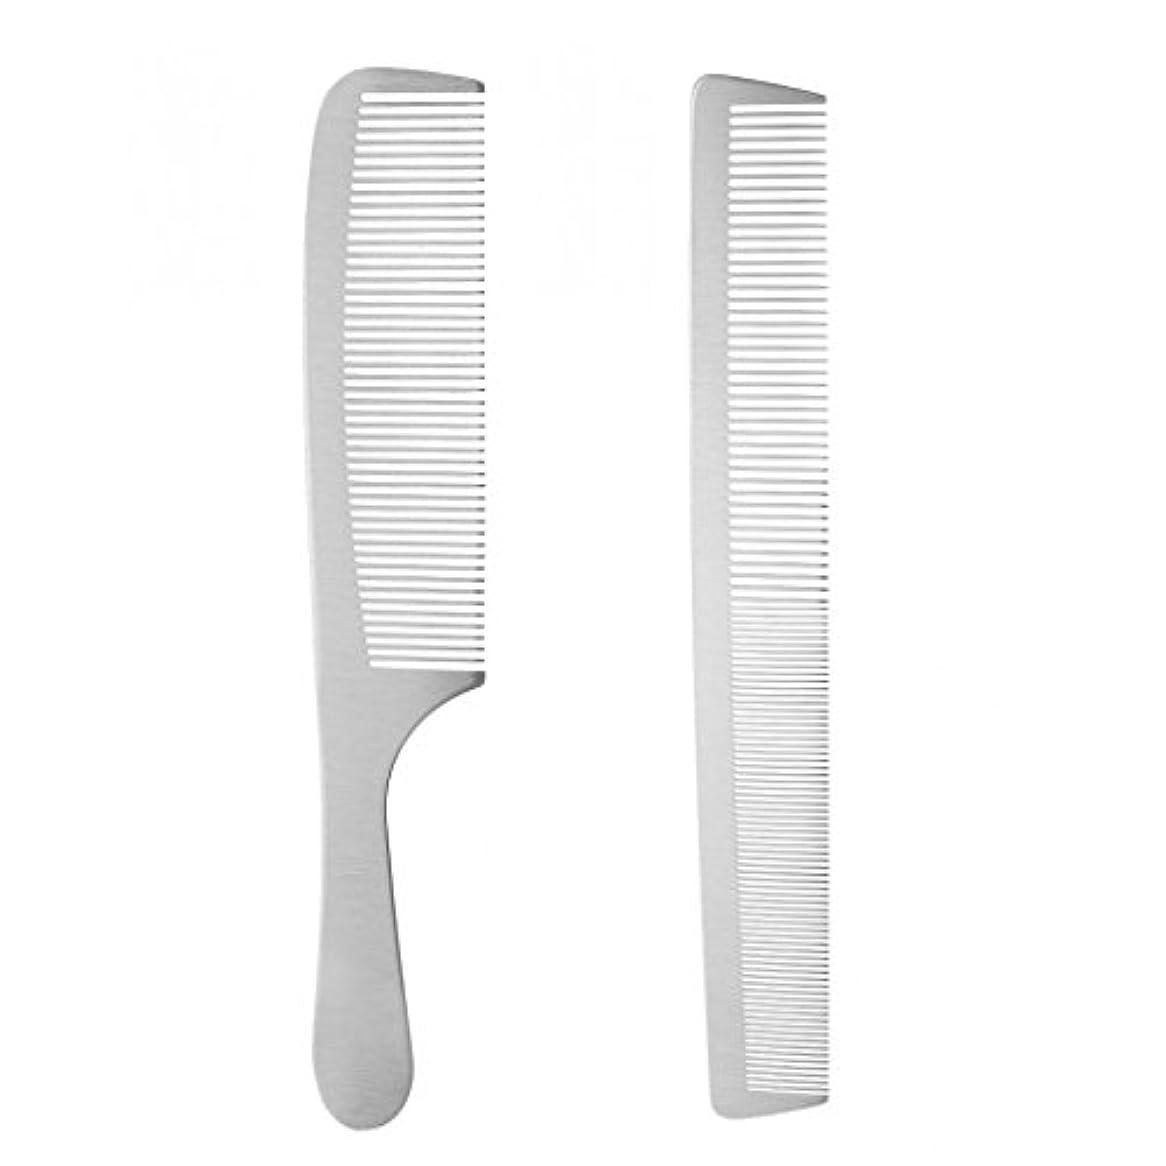 明らかにする貪欲ベルト2個 ヘアスタイリング ヘアカットコーム 櫛 ヘアブラシ ステンレス鋼 サロン 理髪師 カッティング 耐久性 耐熱性